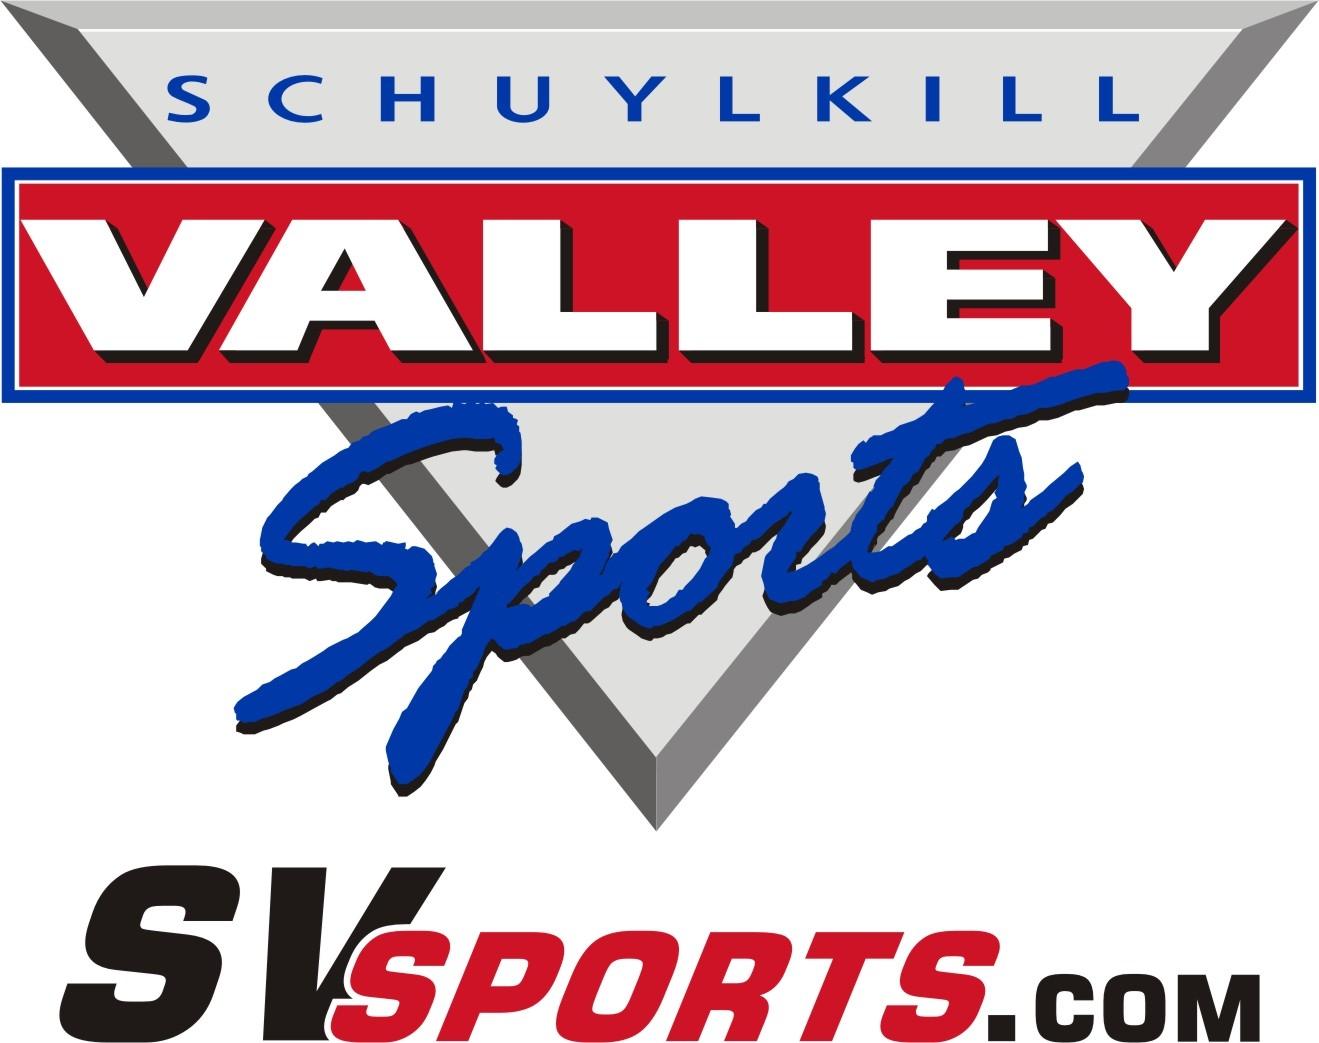 SchuylkillValleySports2.jpg